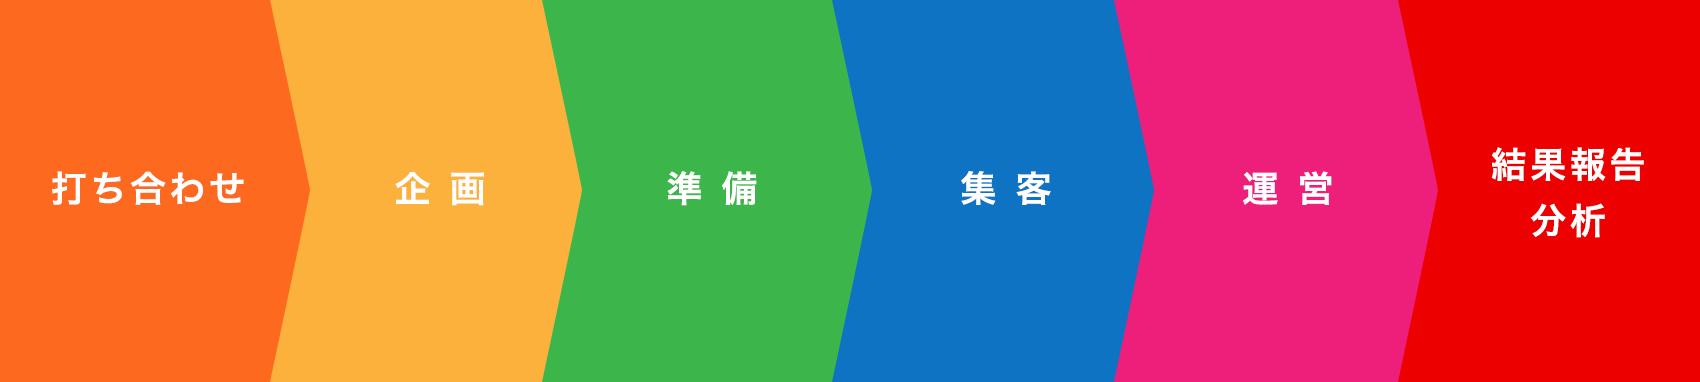 打ち合わせ→企画→準備→集客→運営→結果報告分析